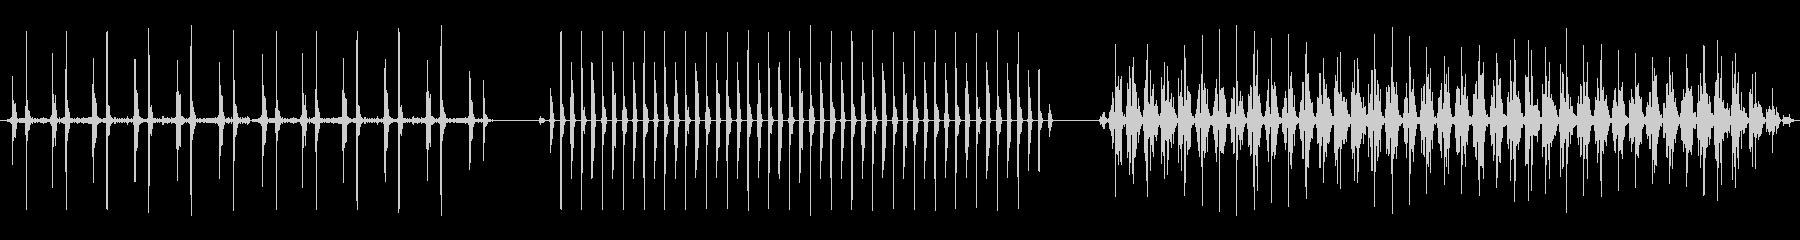 ハートビート、ハートビート、3バー...の未再生の波形